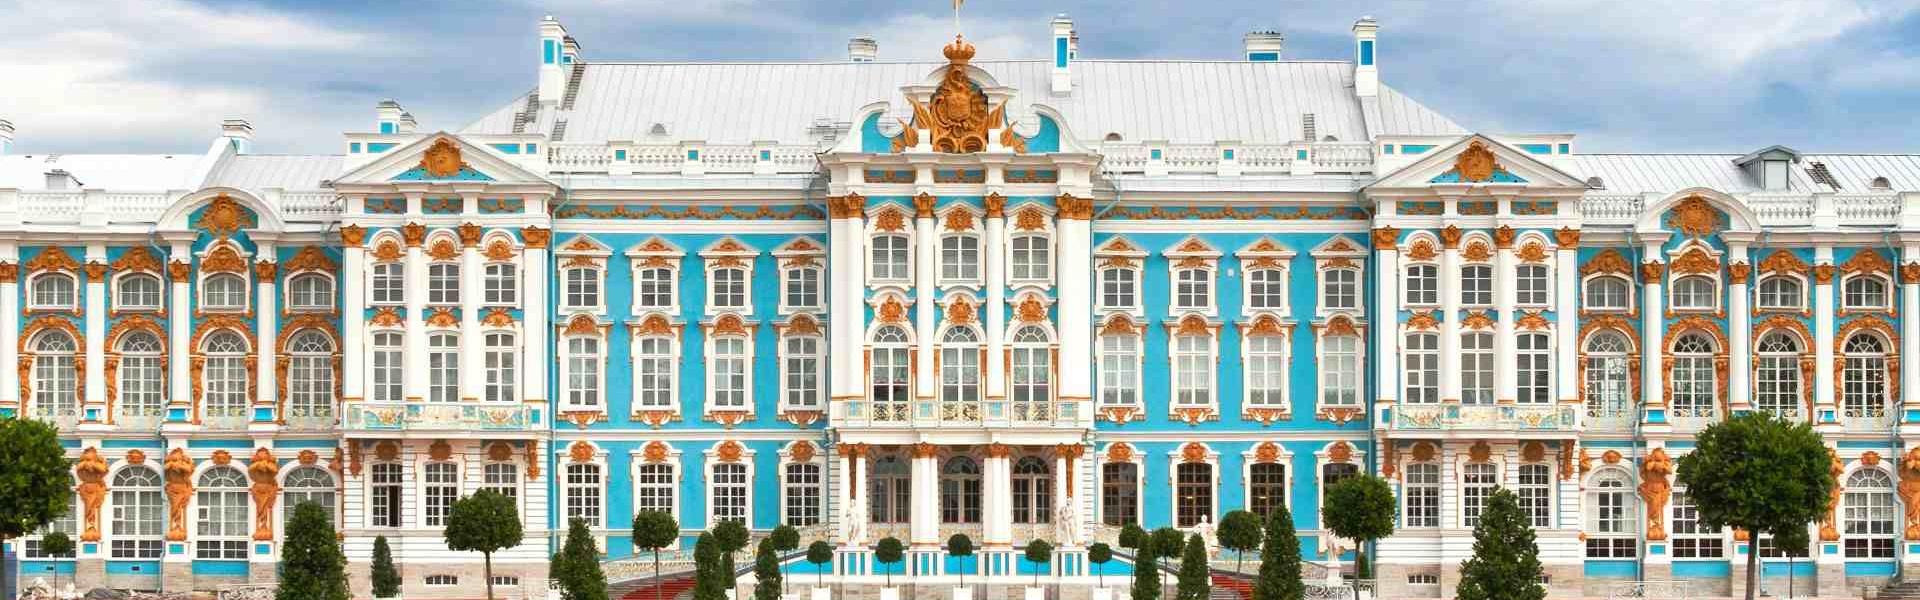 Catherine's Palace, Saint Petersburg